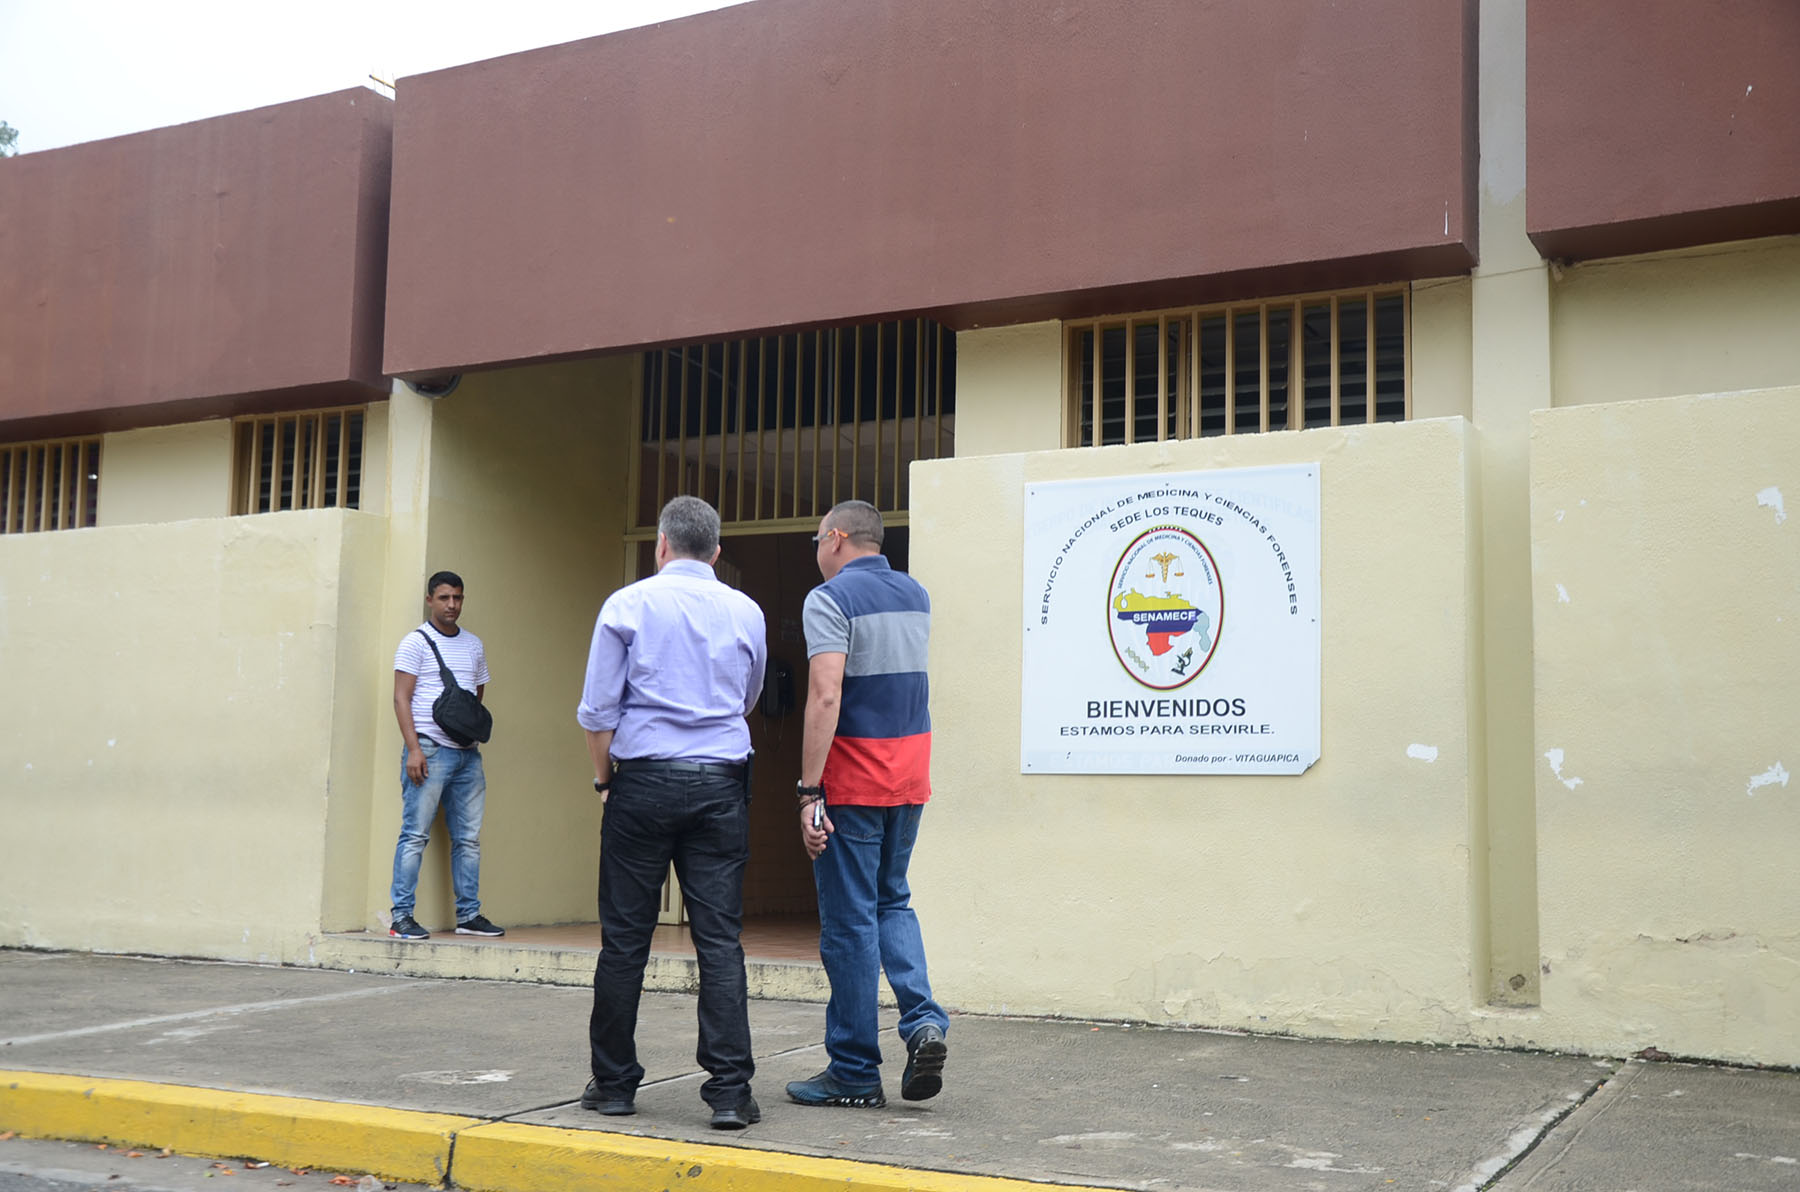 Primeros días de 2017 dejan 13 muertos en Guaicaipuro